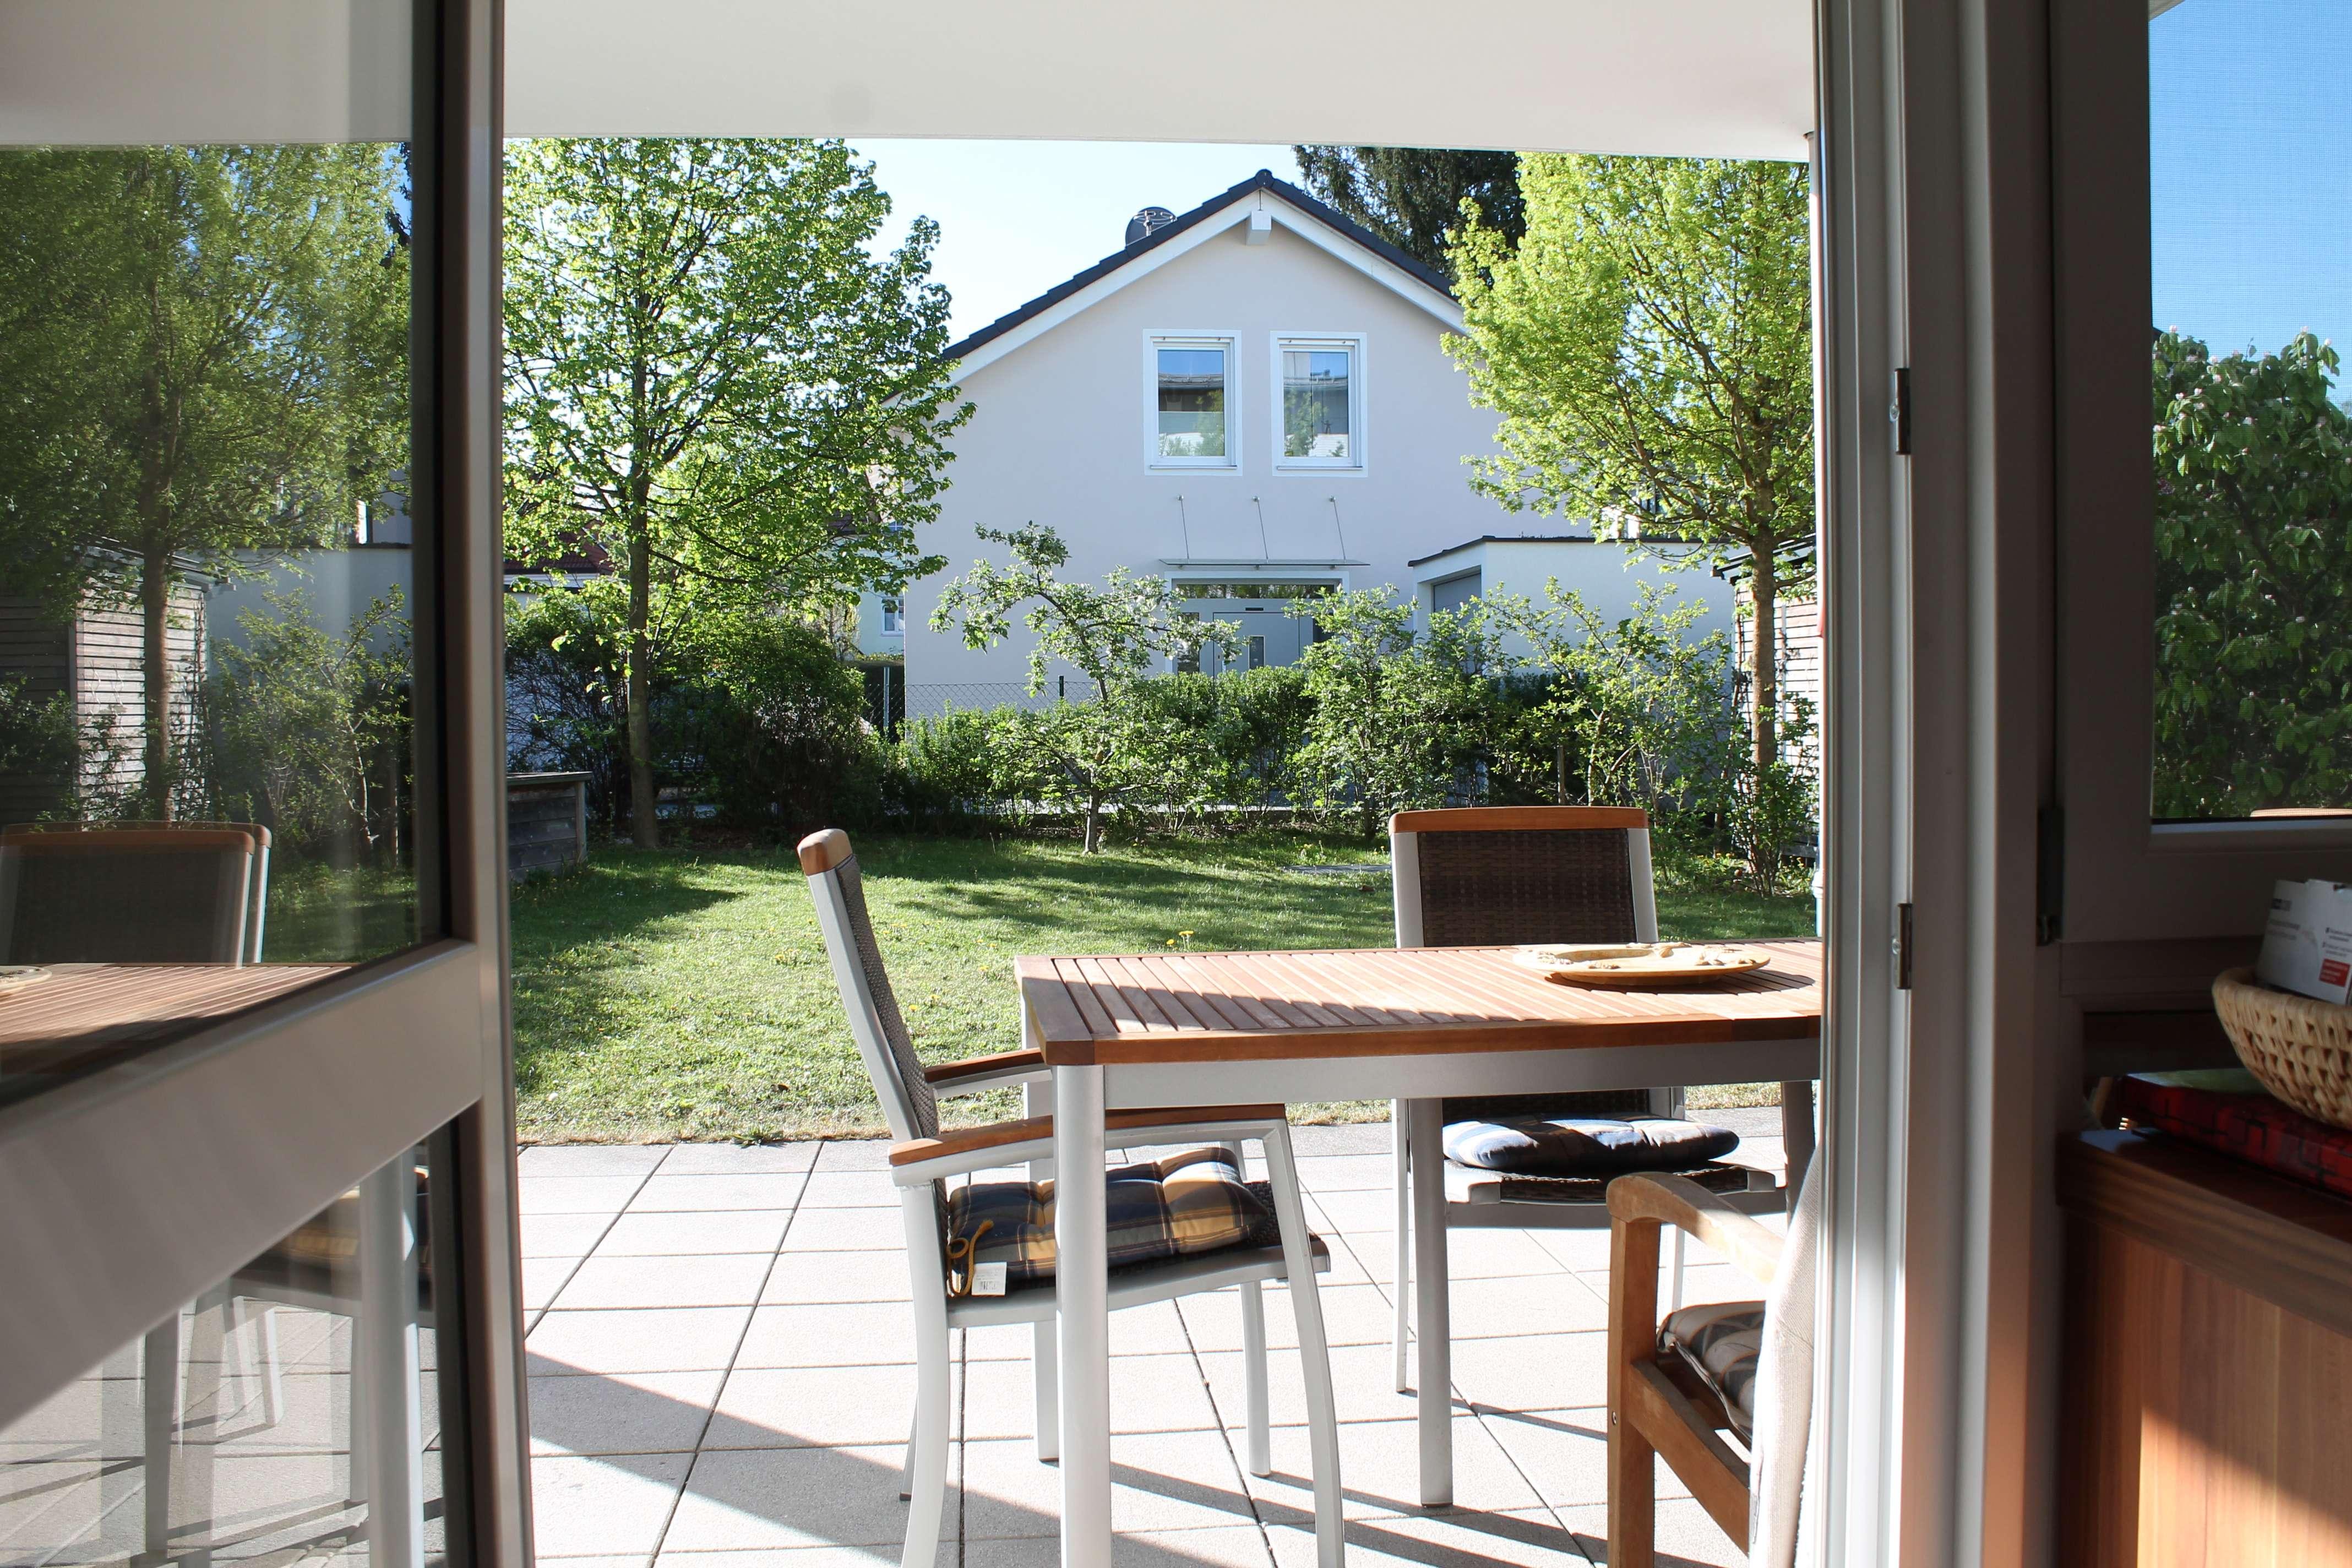 Neuwertige möblierte 5-Zimmer-EG-Wohnung mit Garten in Trudering, München